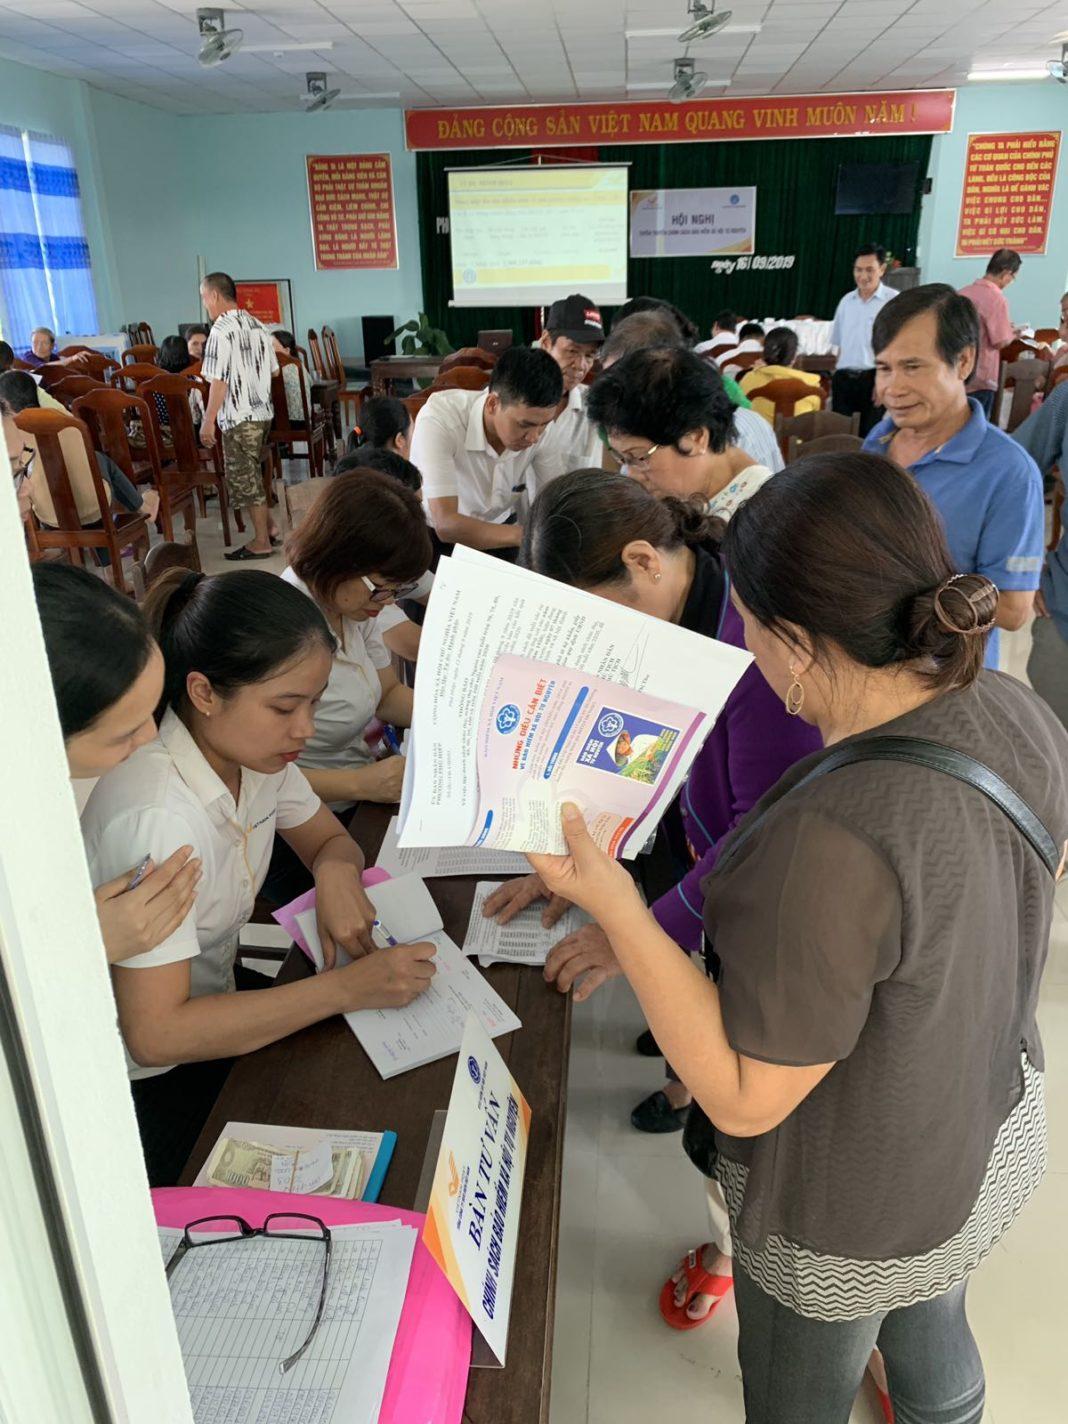 Rất nhiều người dân tham gia BHXH tự nguyện cho mình và cho người thân